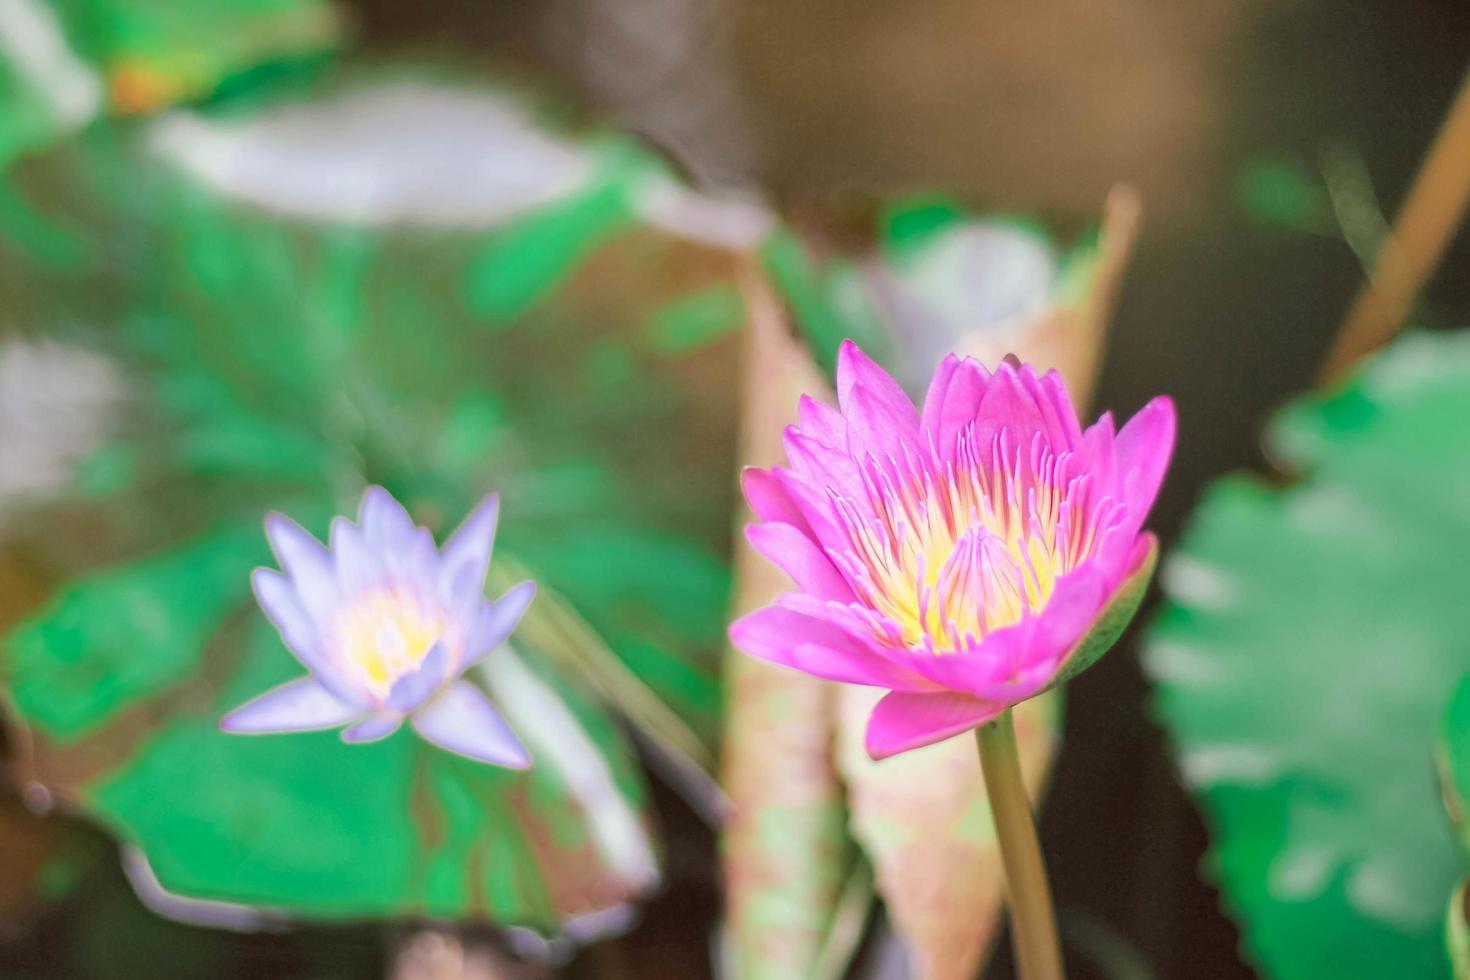 lila Lotusblume mit gelbem Pollen foto